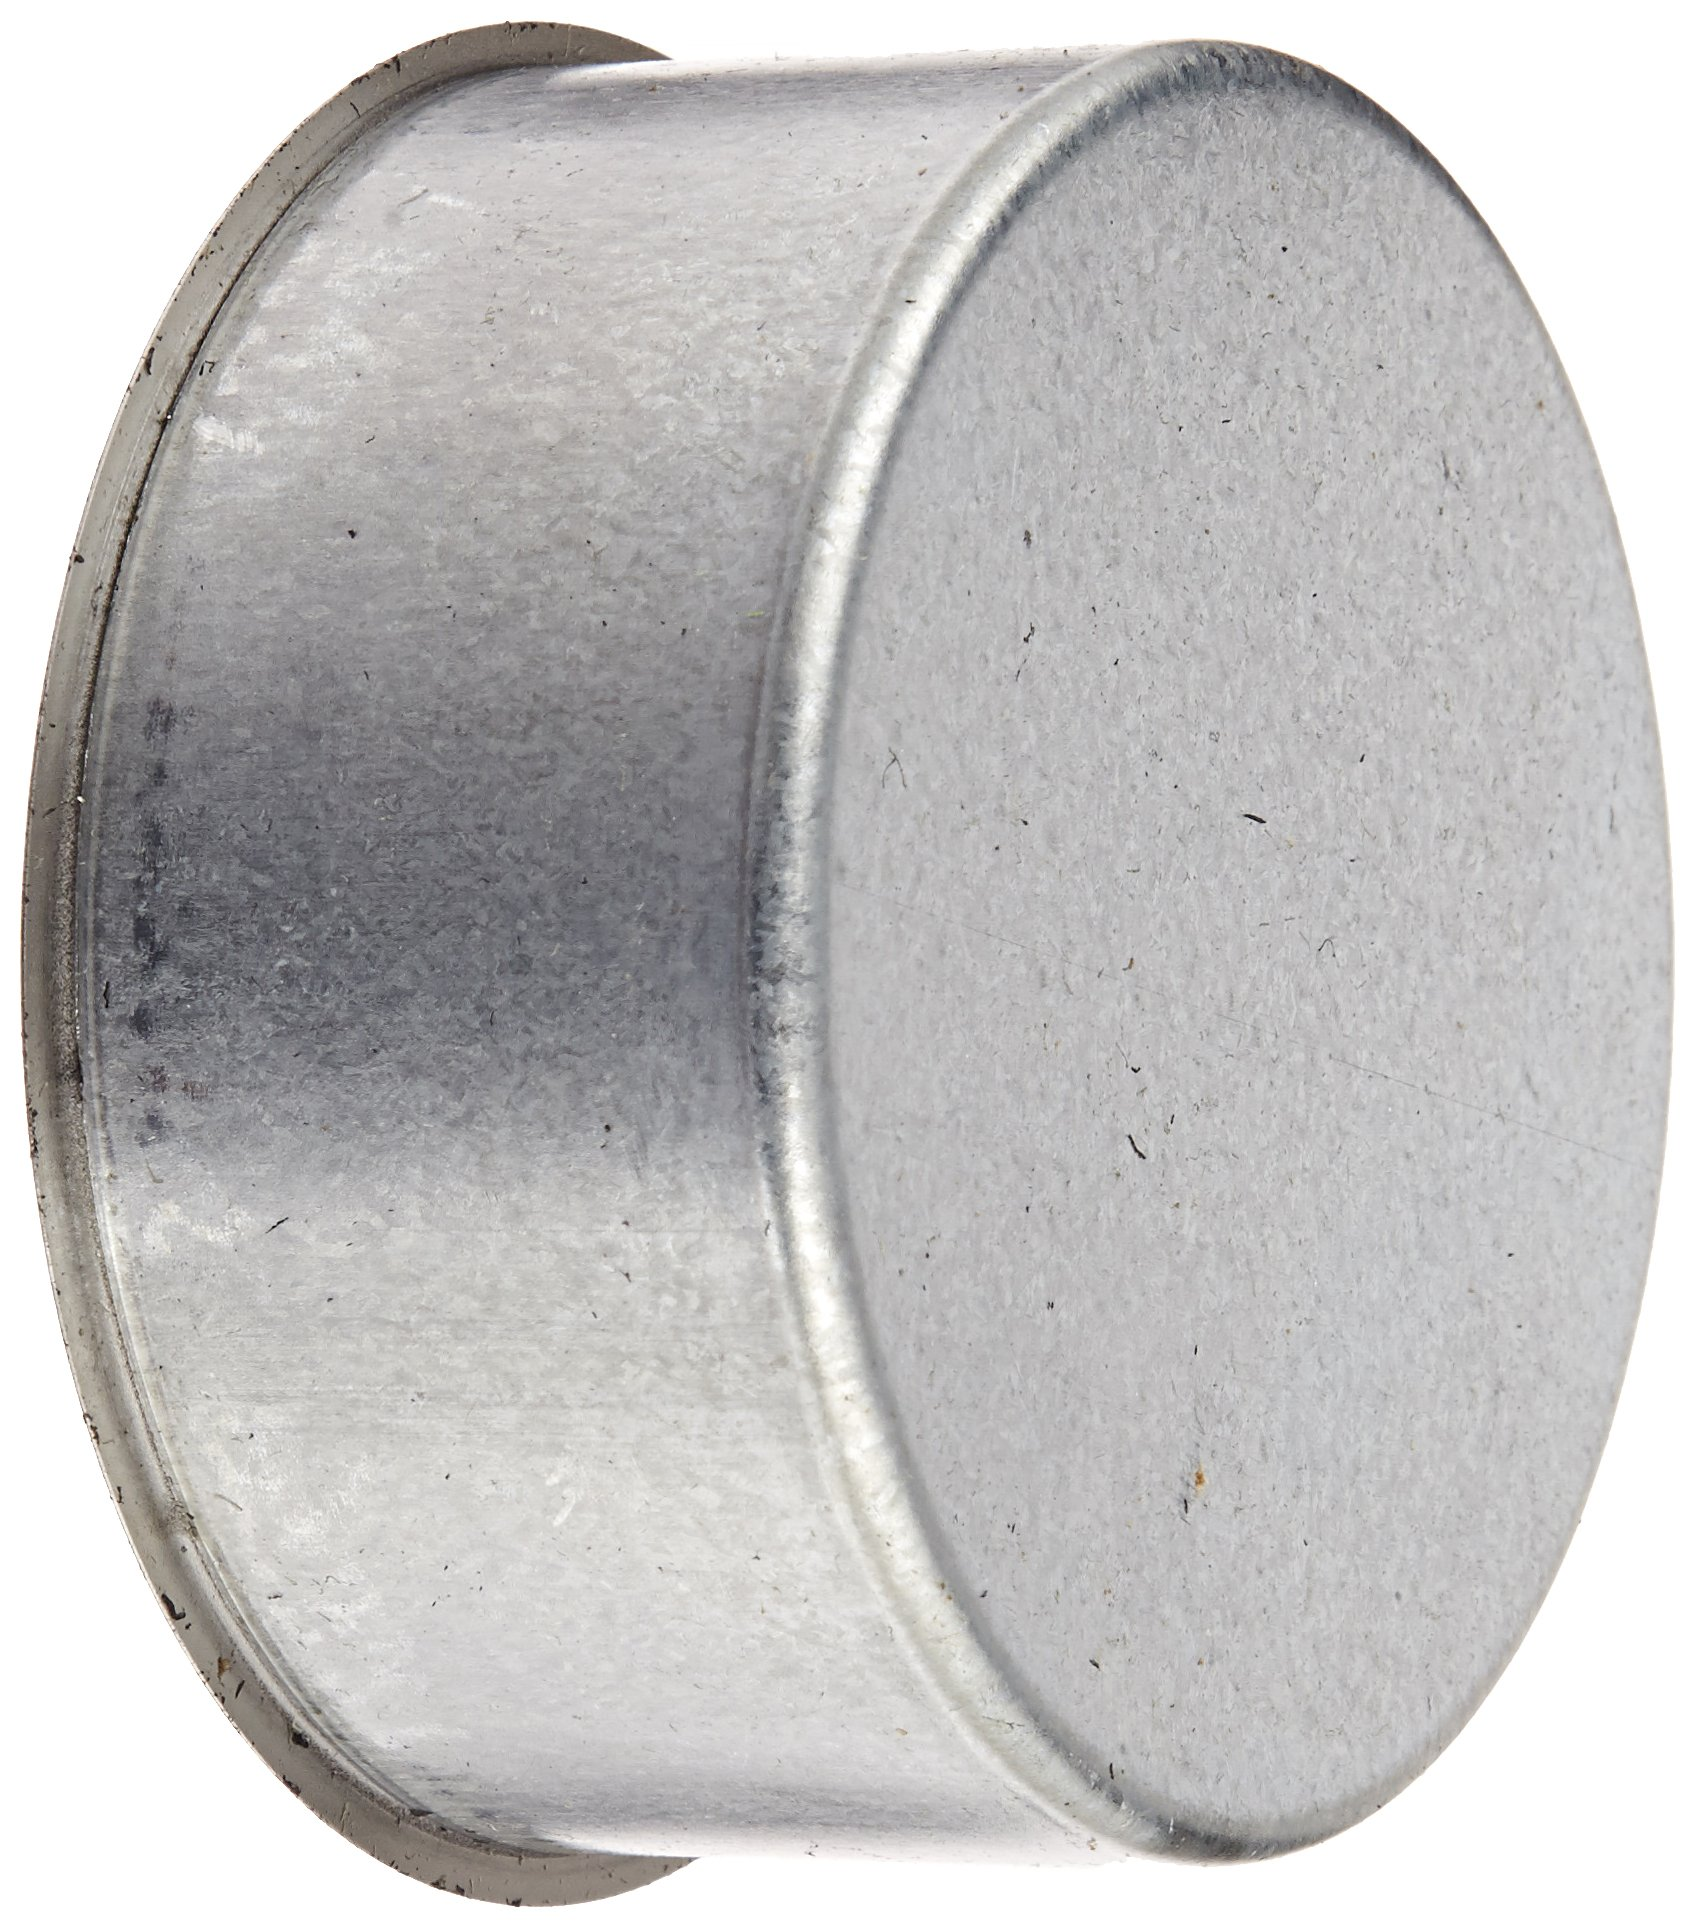 SKF 99346 Speedi Sleeve, SSLEEVE Style, Inch, 3.5in Shaft Diameter, 0.625in Width